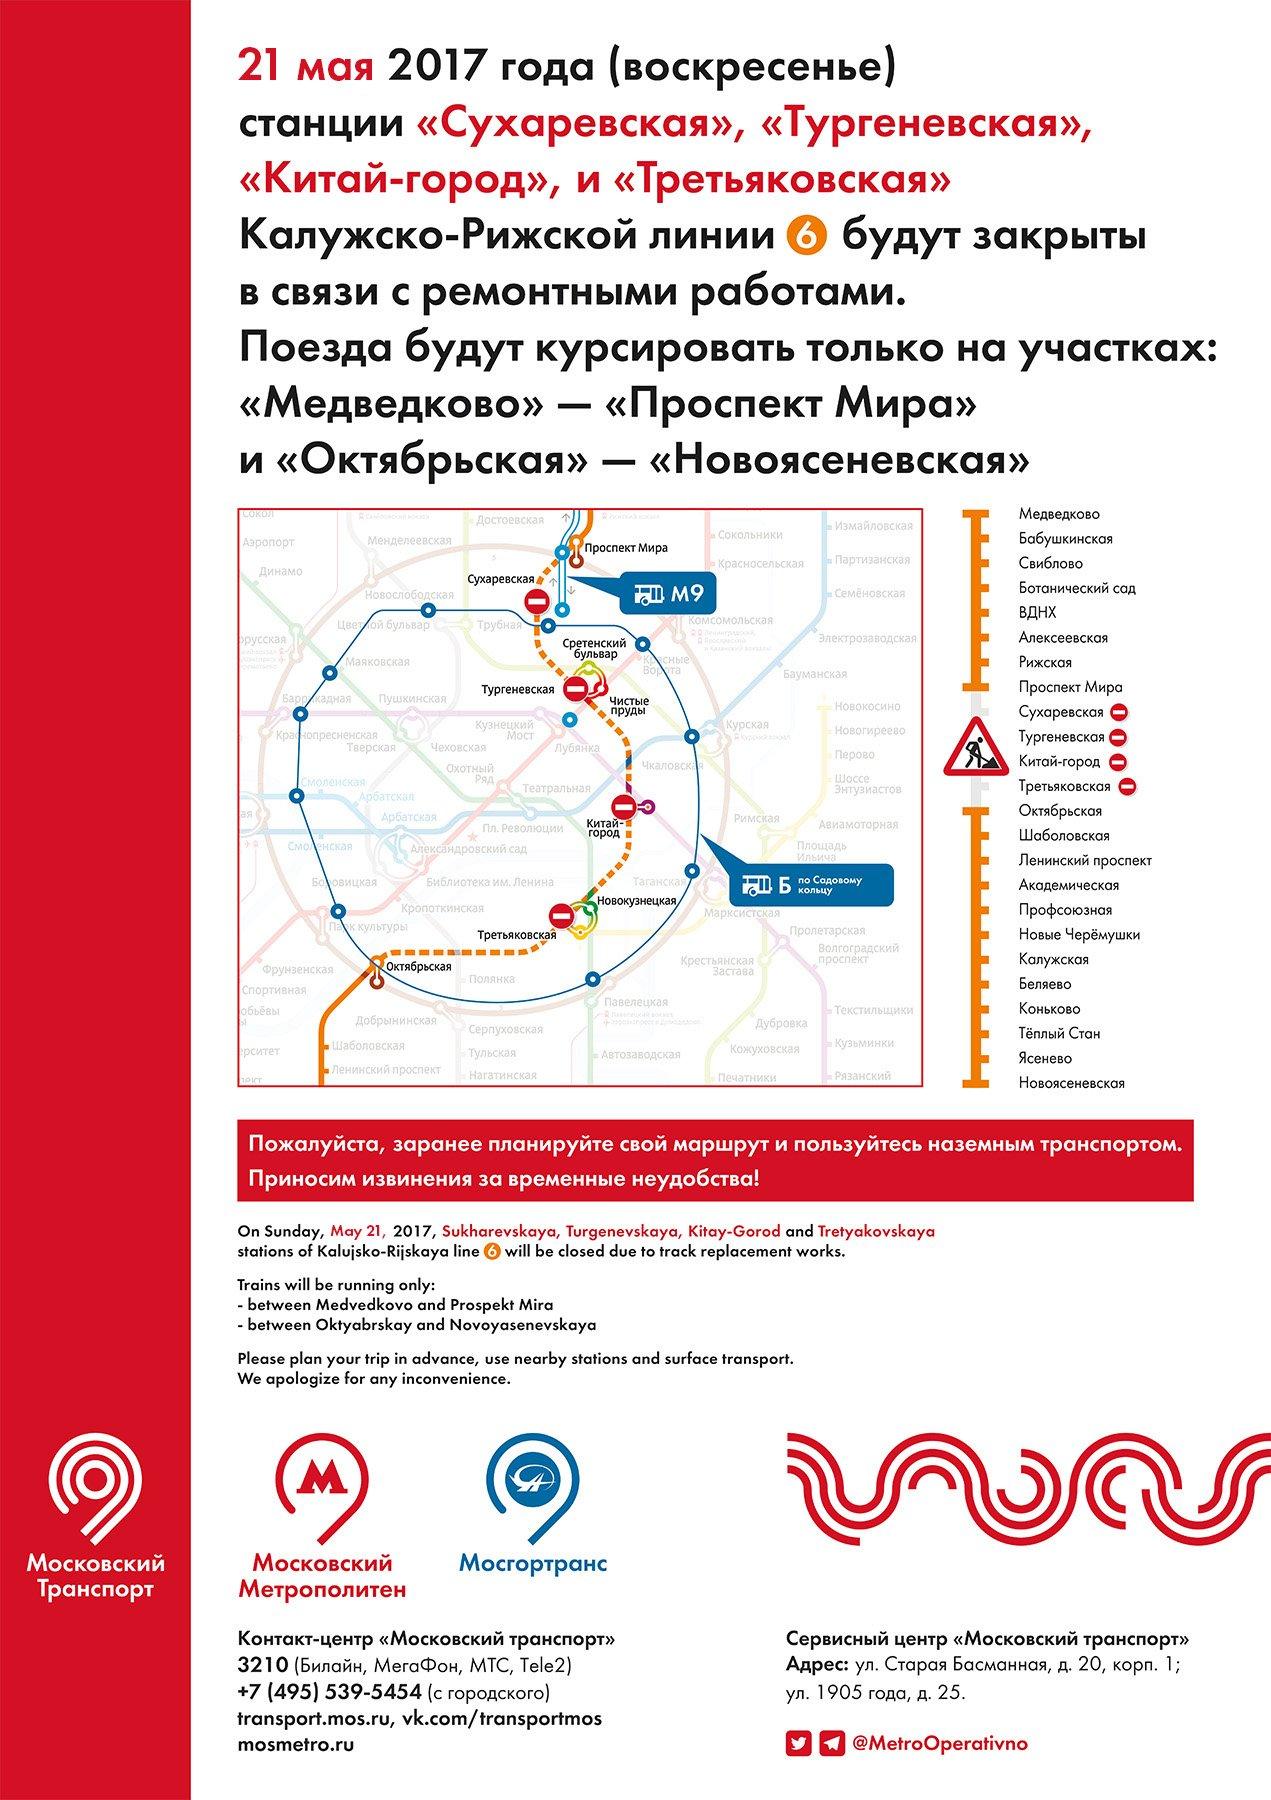 счет закрытие метро 9 мая списку книг